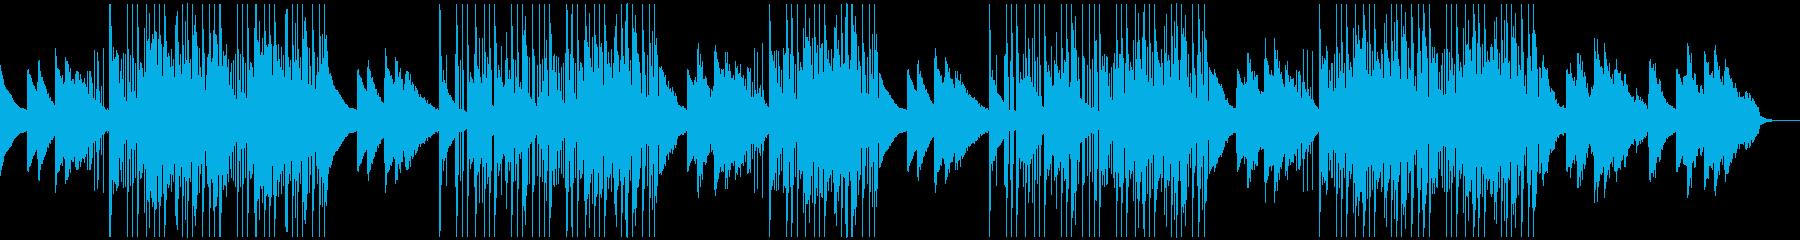 ダークでメロディックな洋楽トラップビートの再生済みの波形